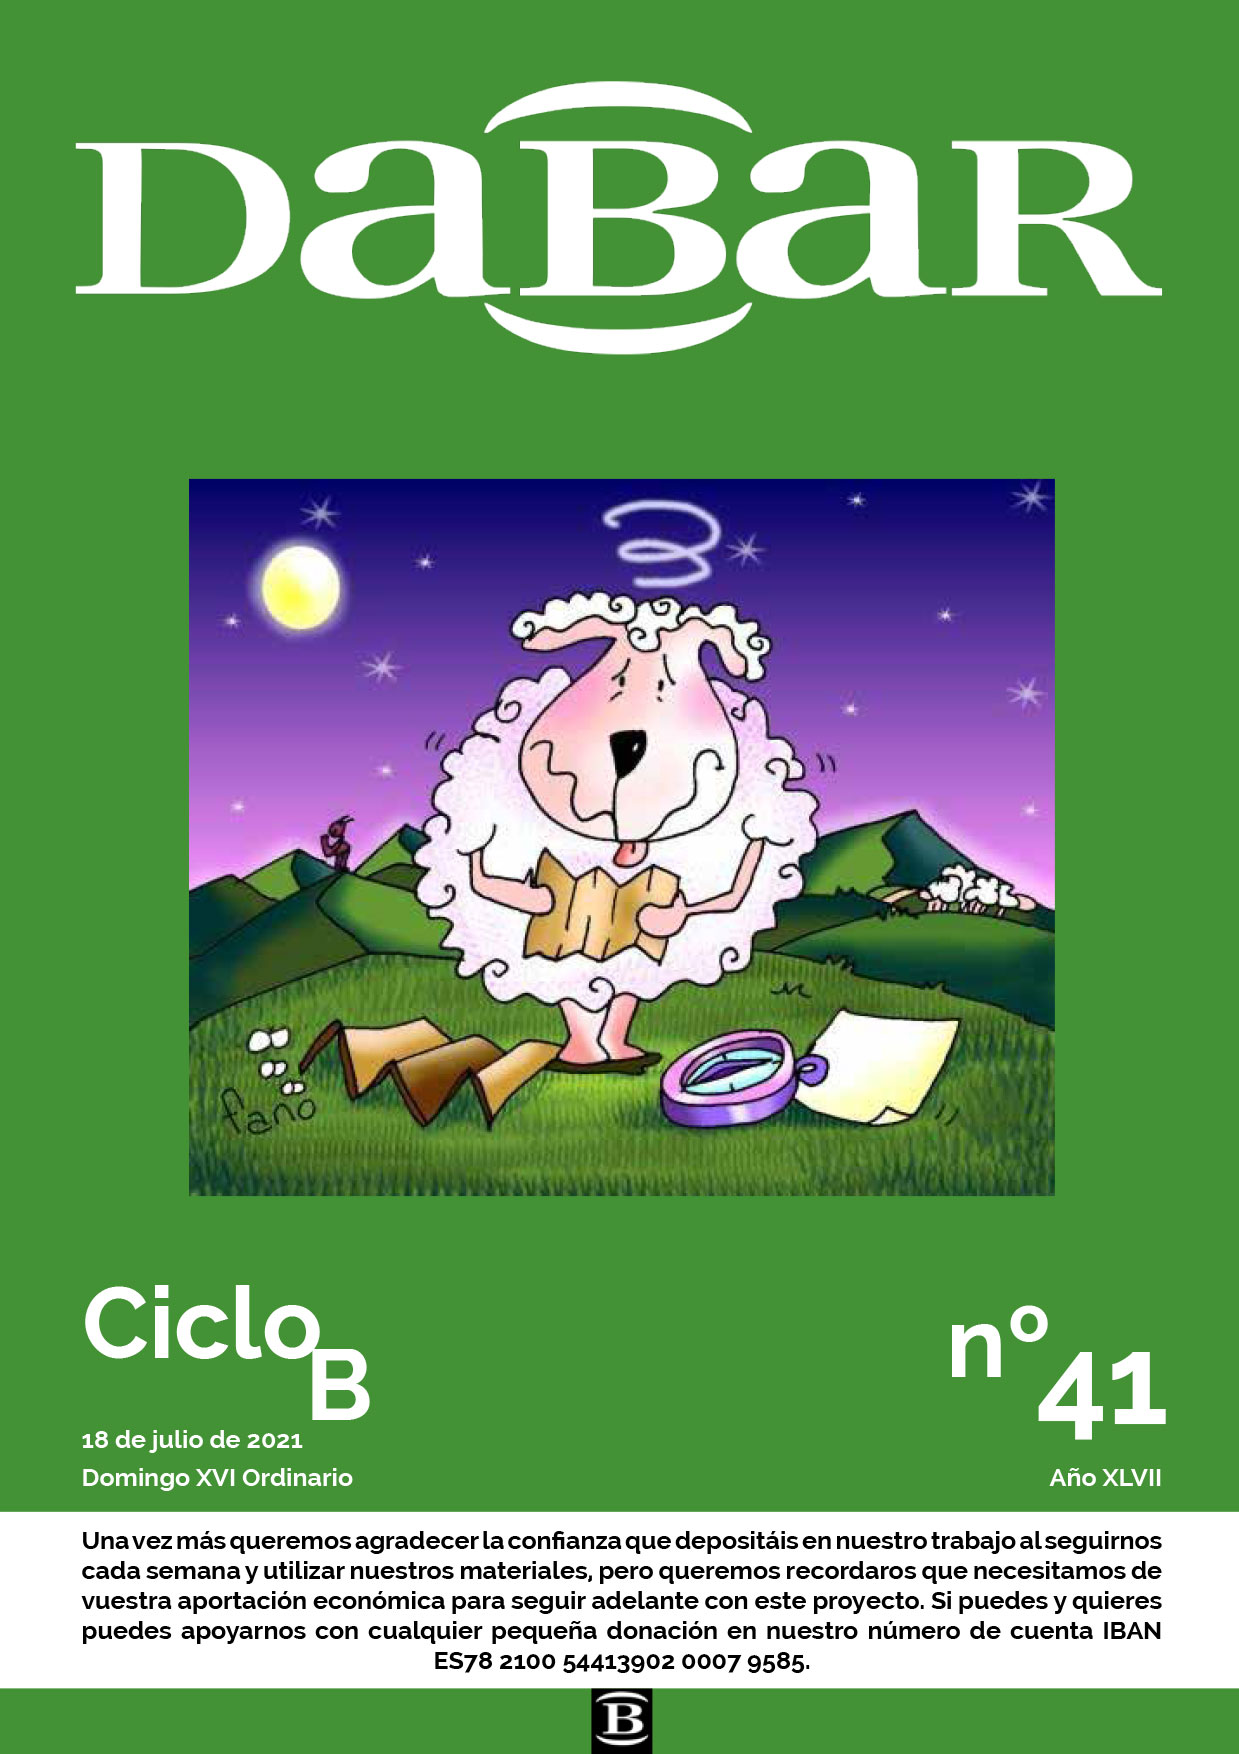 Dabar revista 41 ciclo B